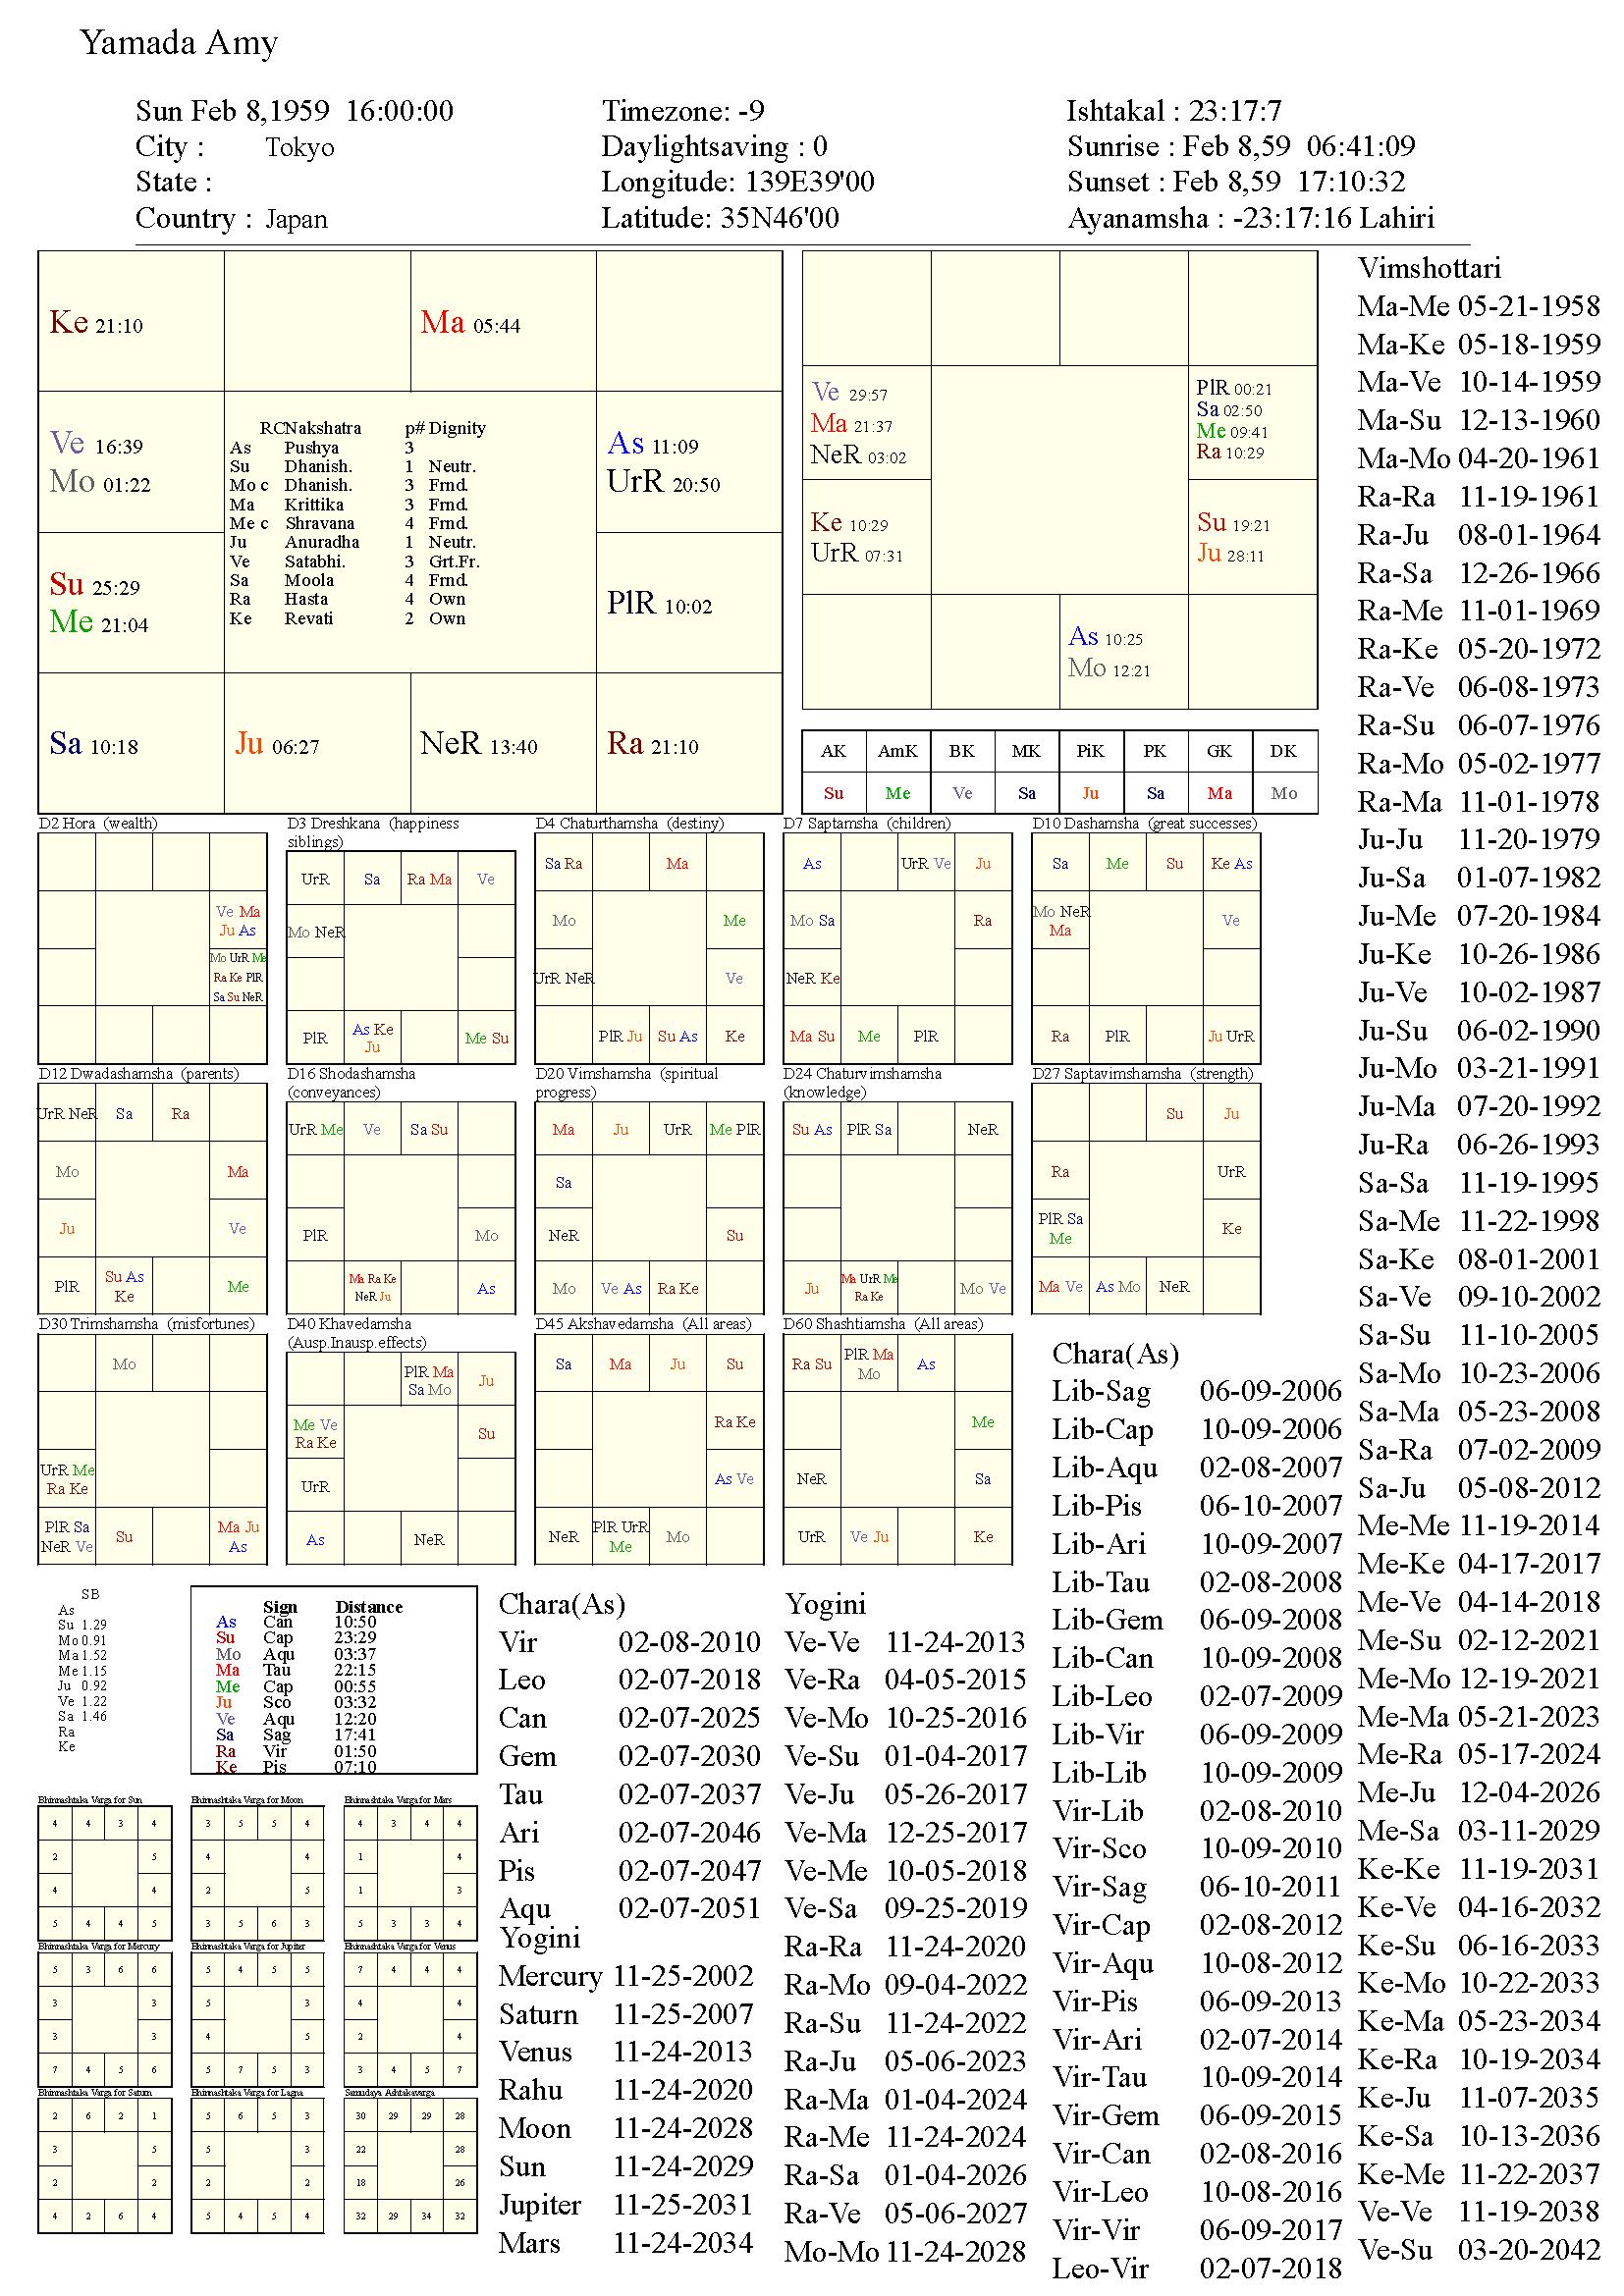 yamadaamy_chart